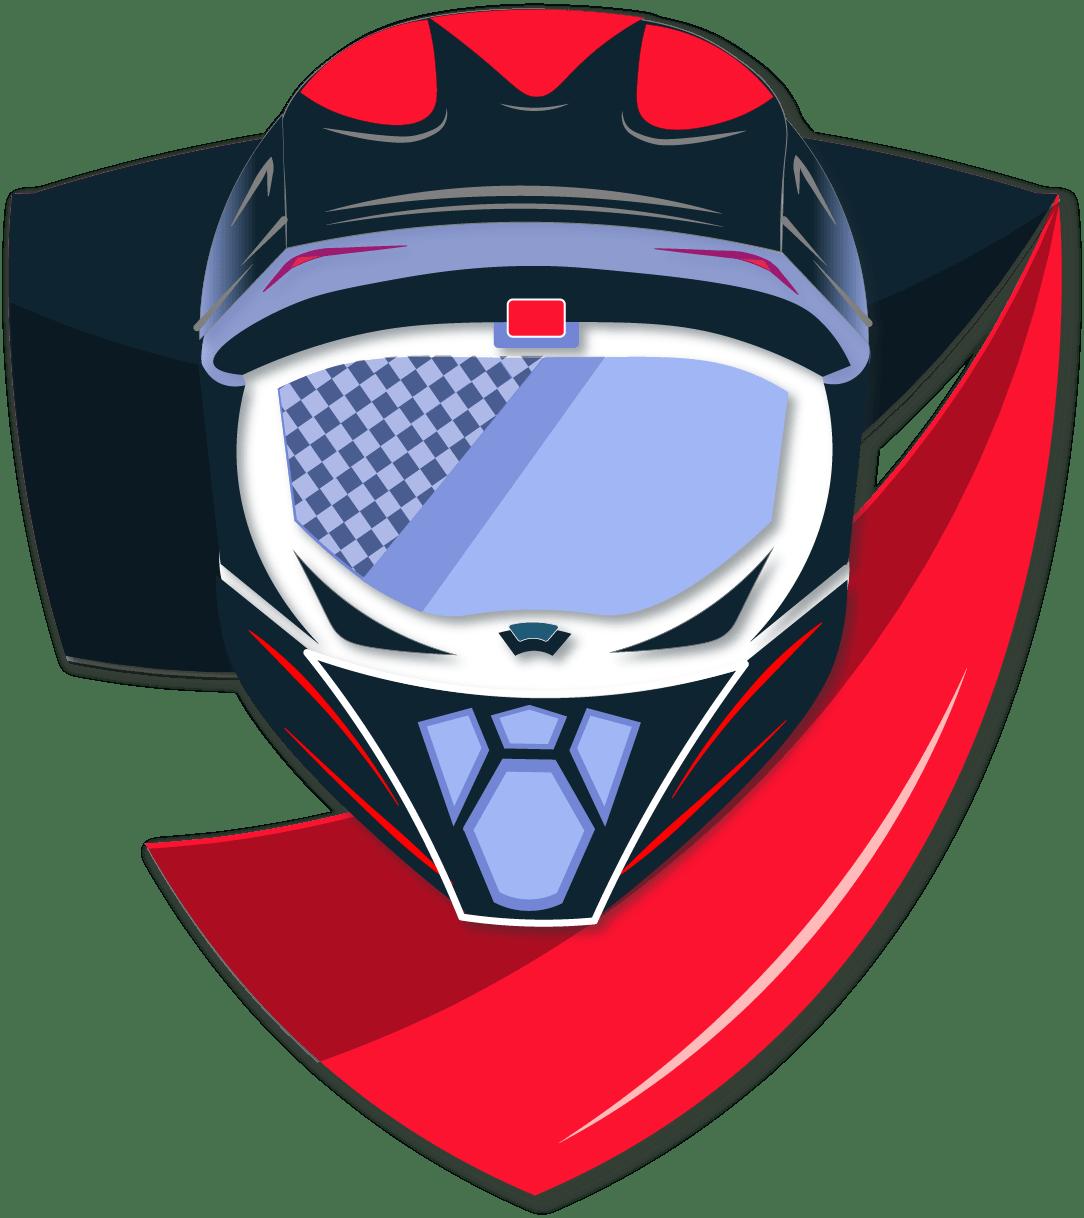 Indian Student Karting Logo